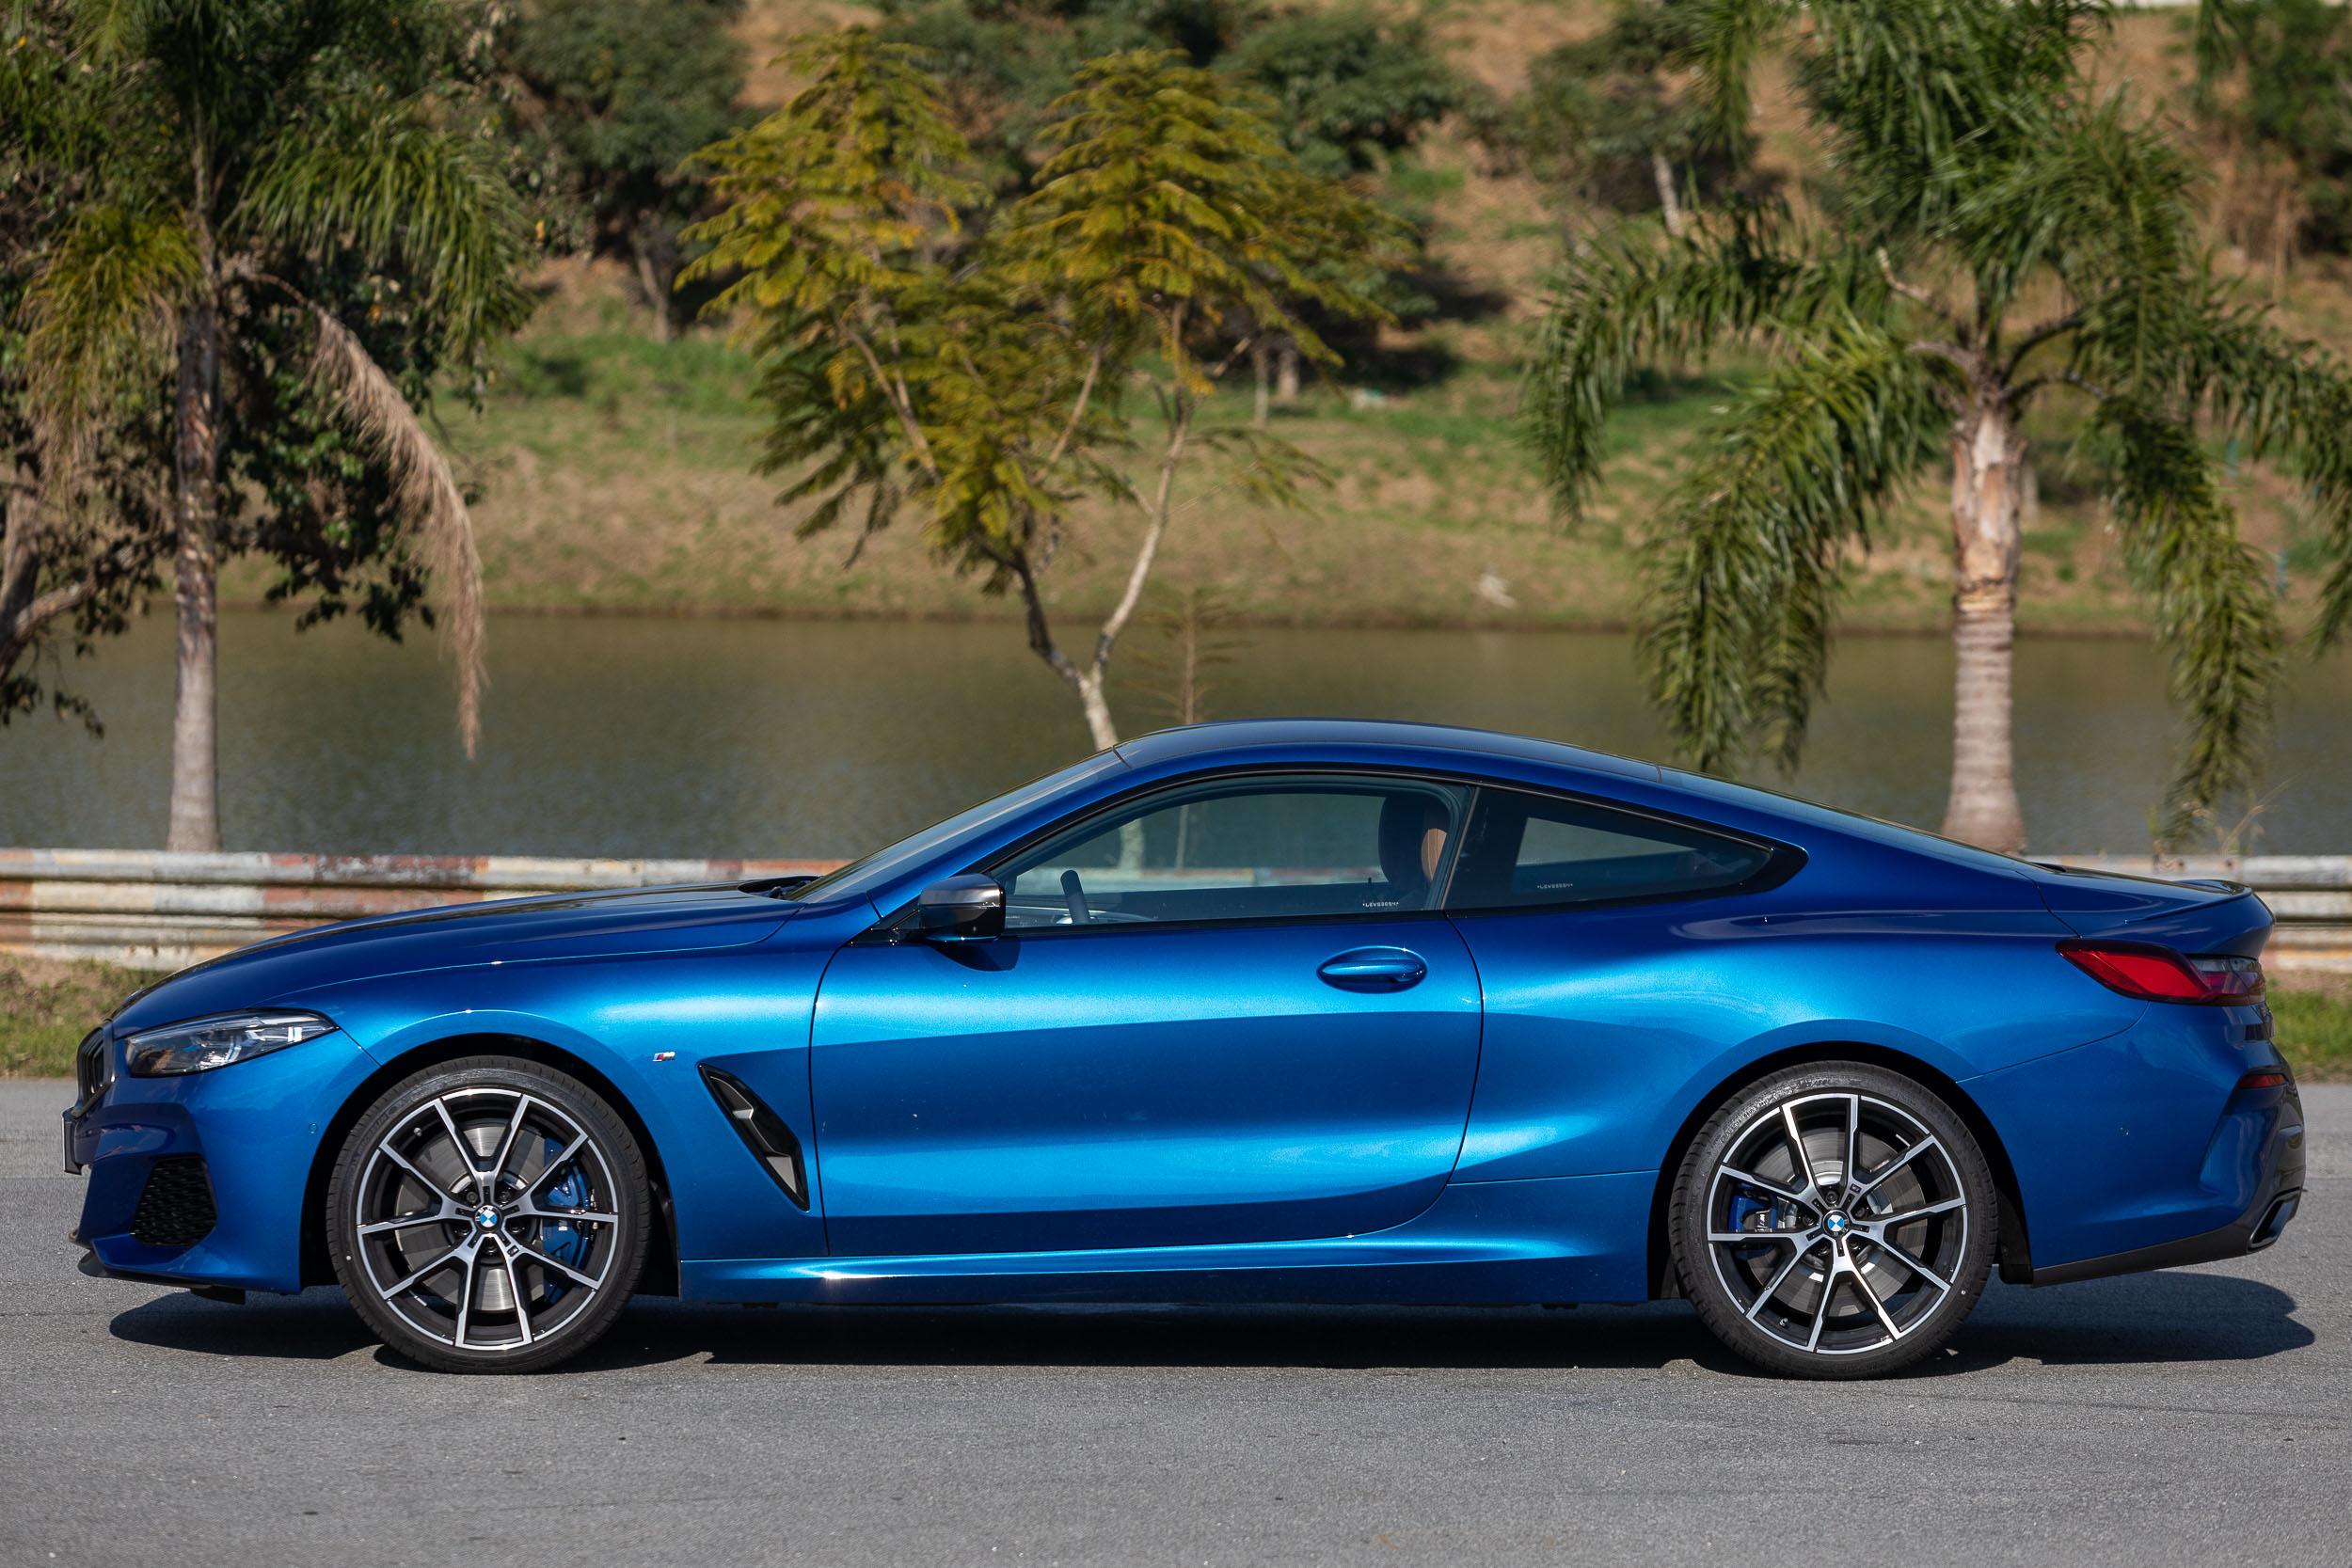 BMW M850i xDrive tem 4,85 metros de comprimento, sendo 2,82 metros de distância entre os eixos